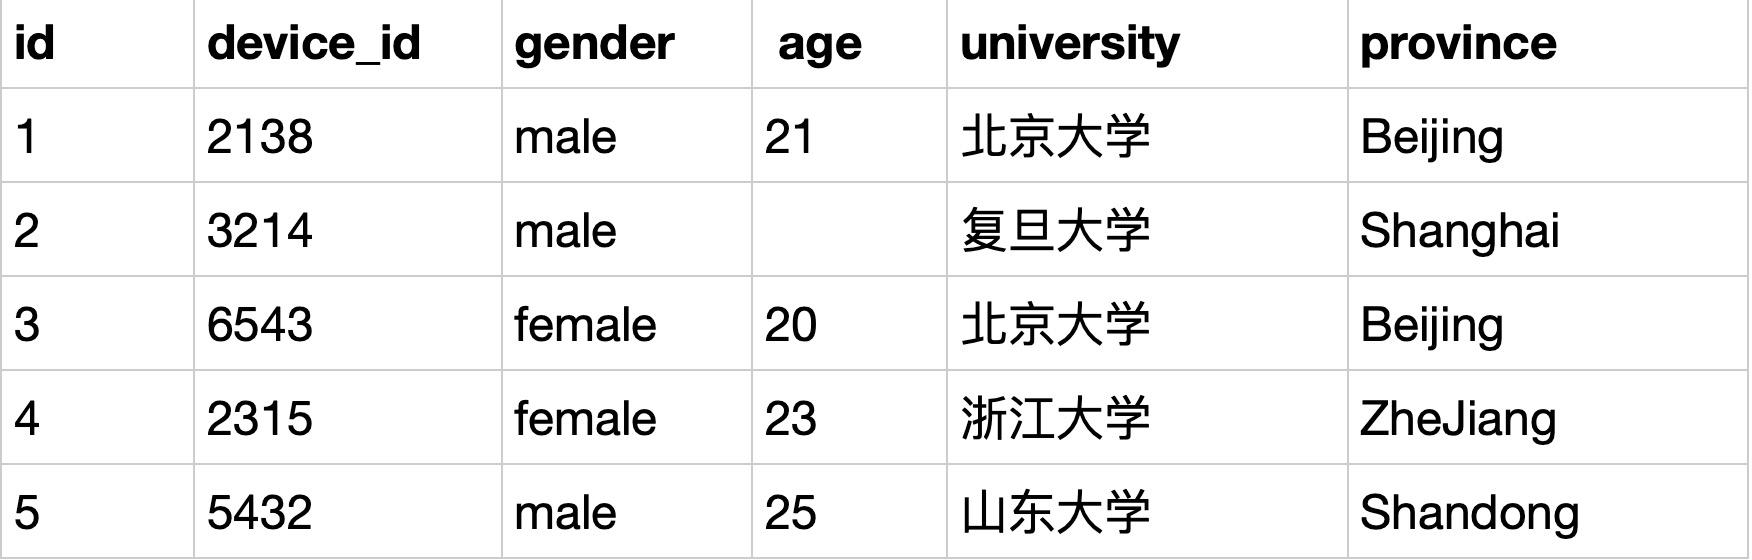 题目:作为区块链毕设学生网的数据分析师,现在运营想要查看除复旦大学以外的所有用户明细,请取出相应数据          示例:user_profile                根据输入,你的查询应返回以下结果: